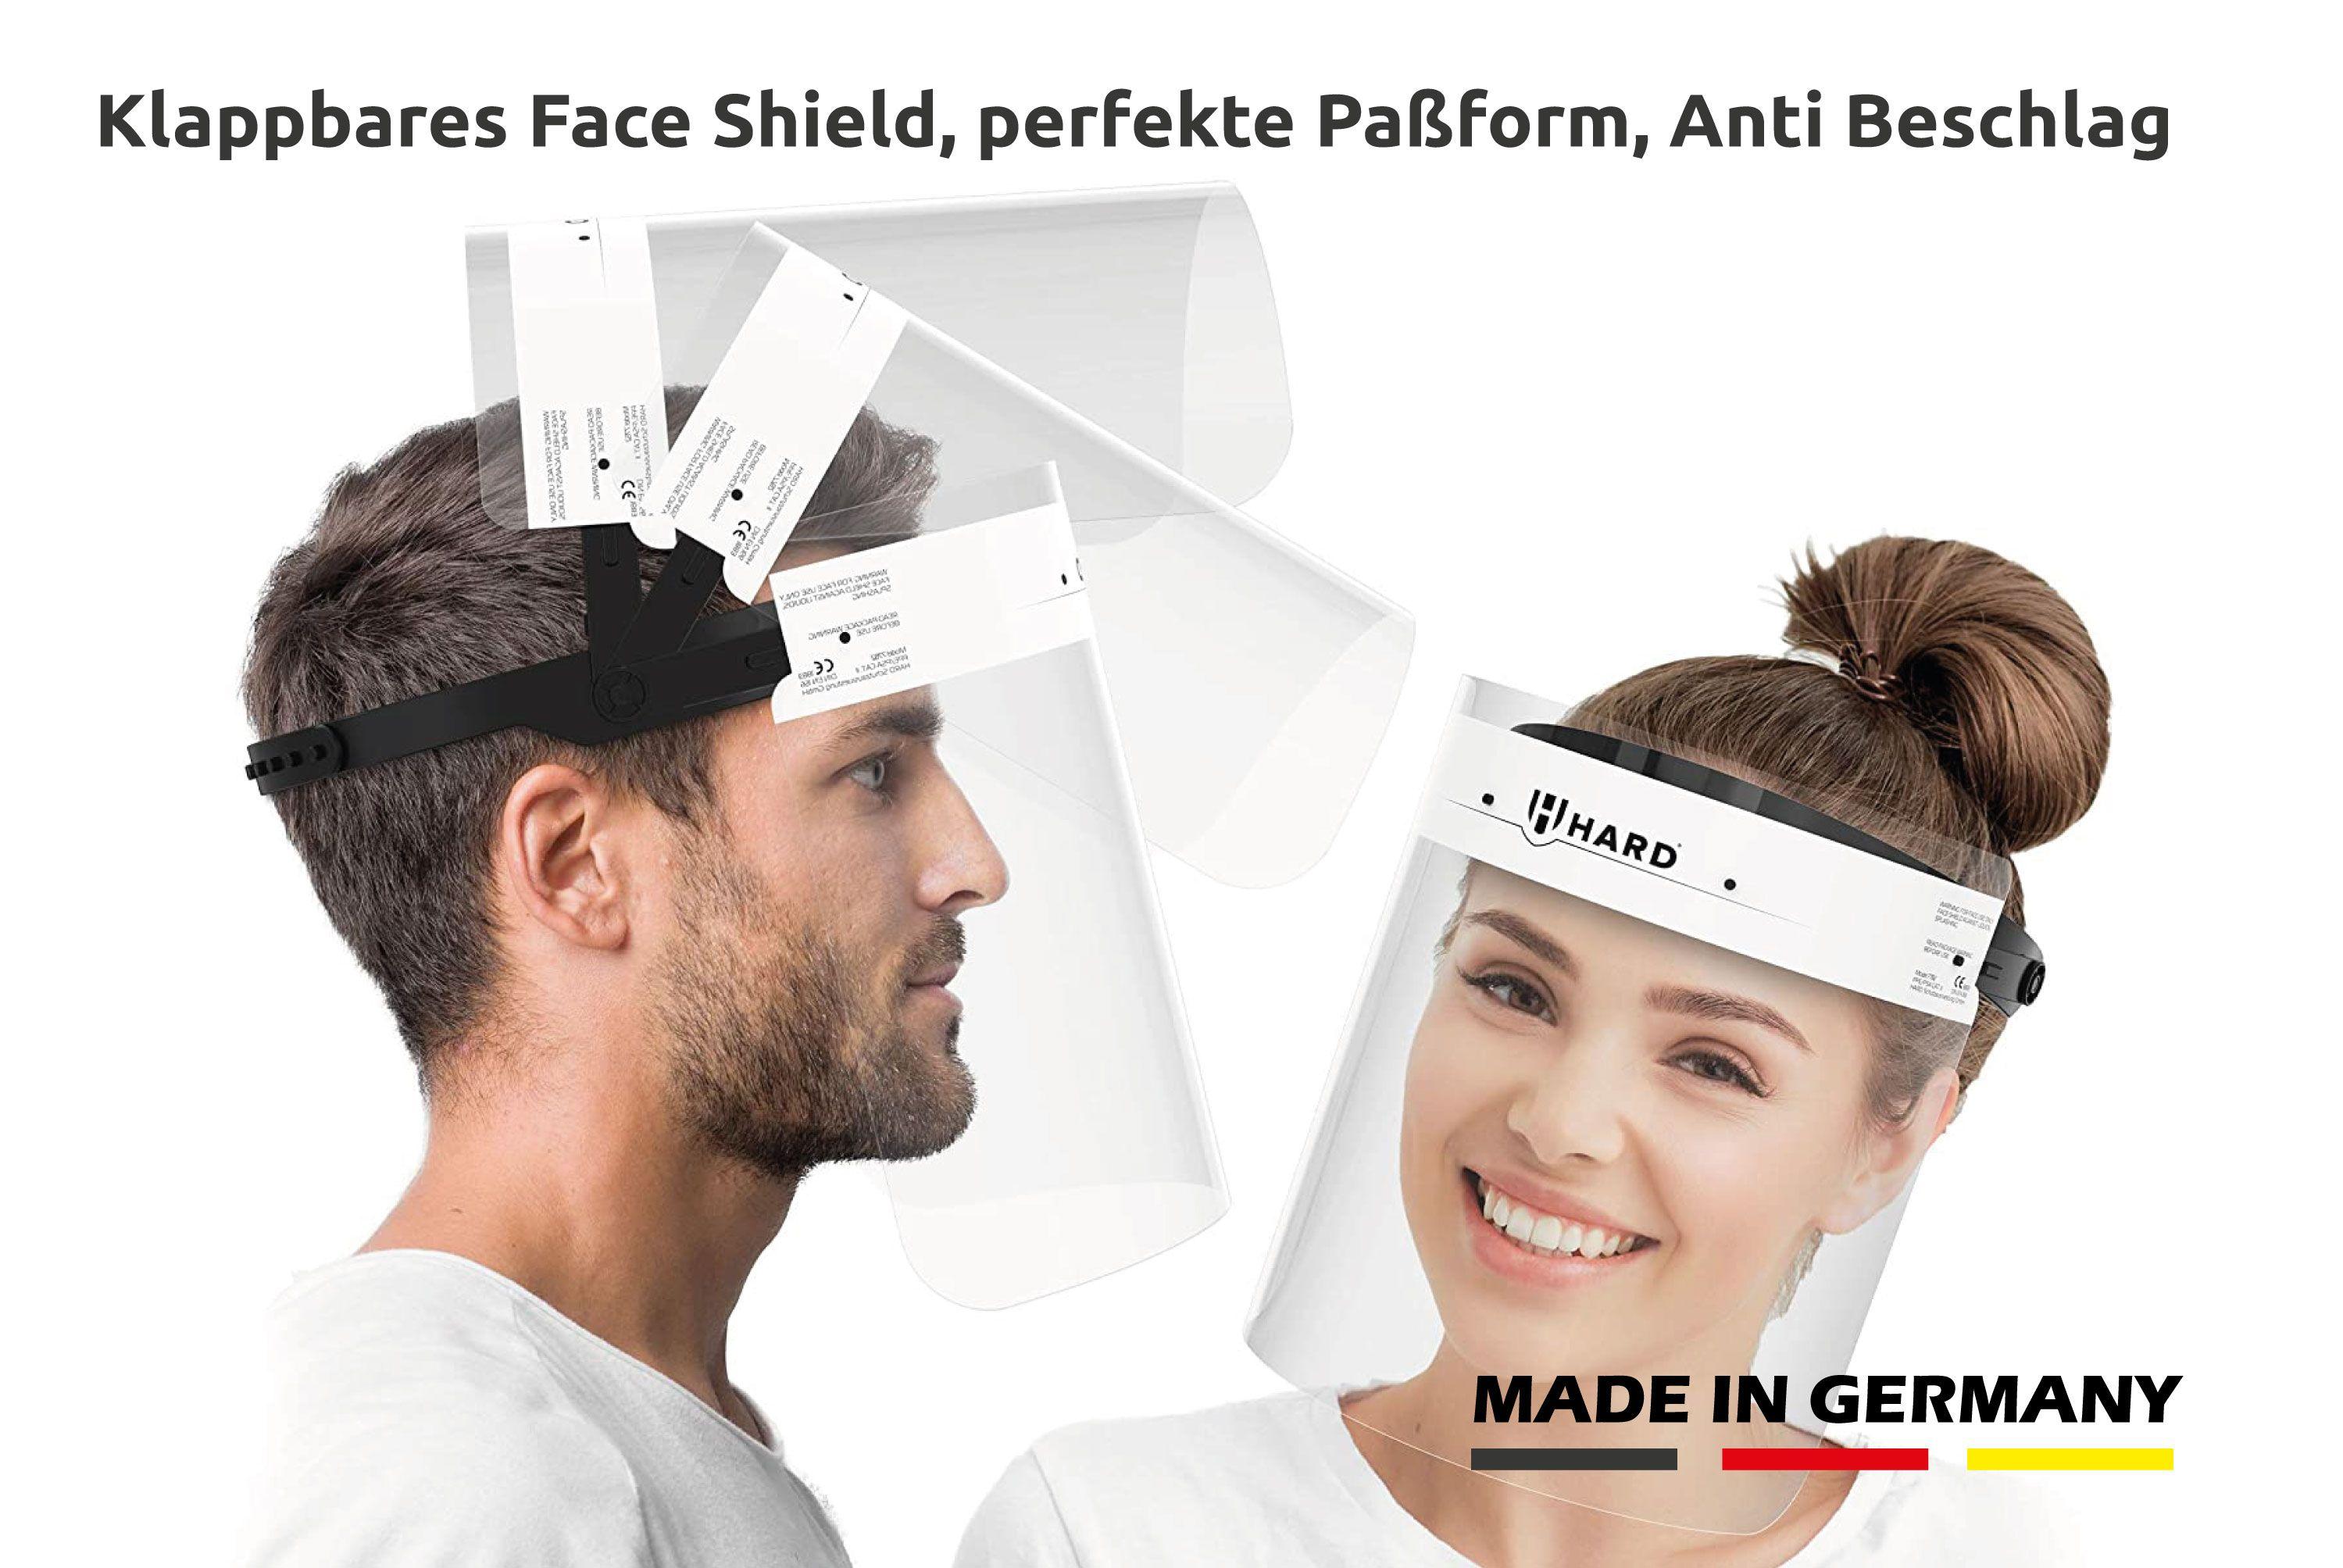 Face Shield / Gesichtsvisier aufklappbar. Premium Qualität Made in Germany, mit beidseitigem Anti Beschlag & verstellbarem Kopfverschluss unisex schwarz